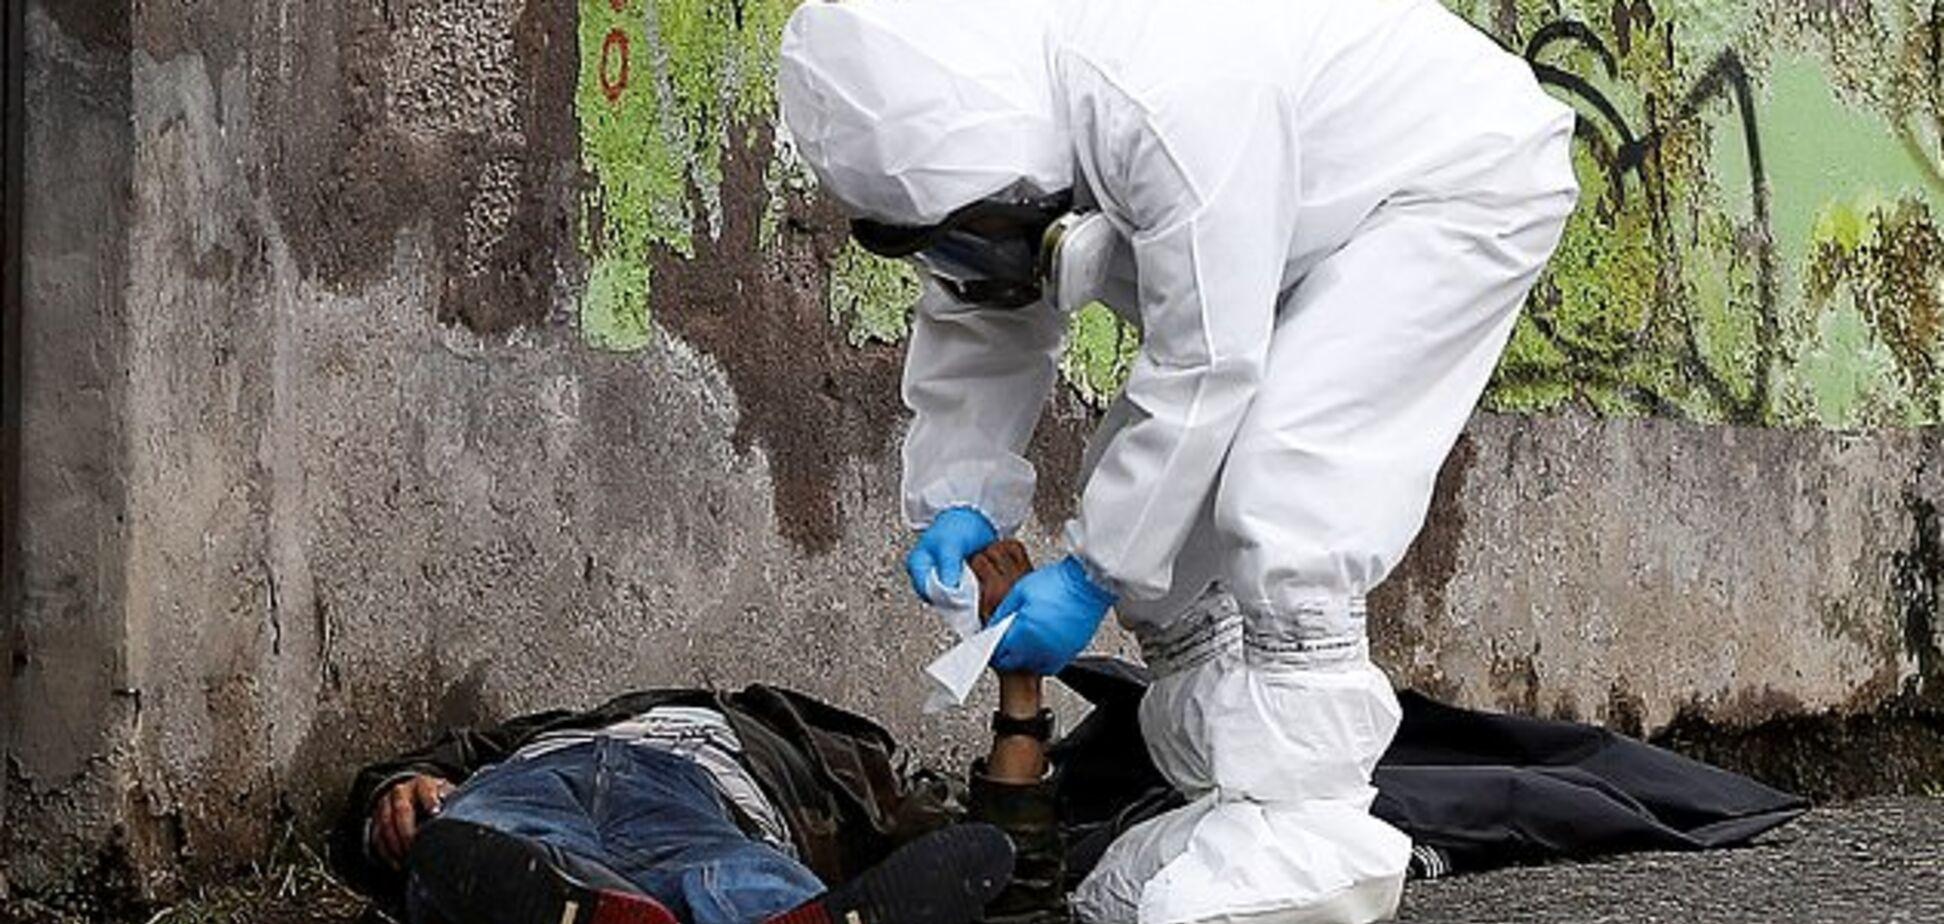 Вулиці Еквадору заповнили тіла померлих від COVID-19. Фото 18+